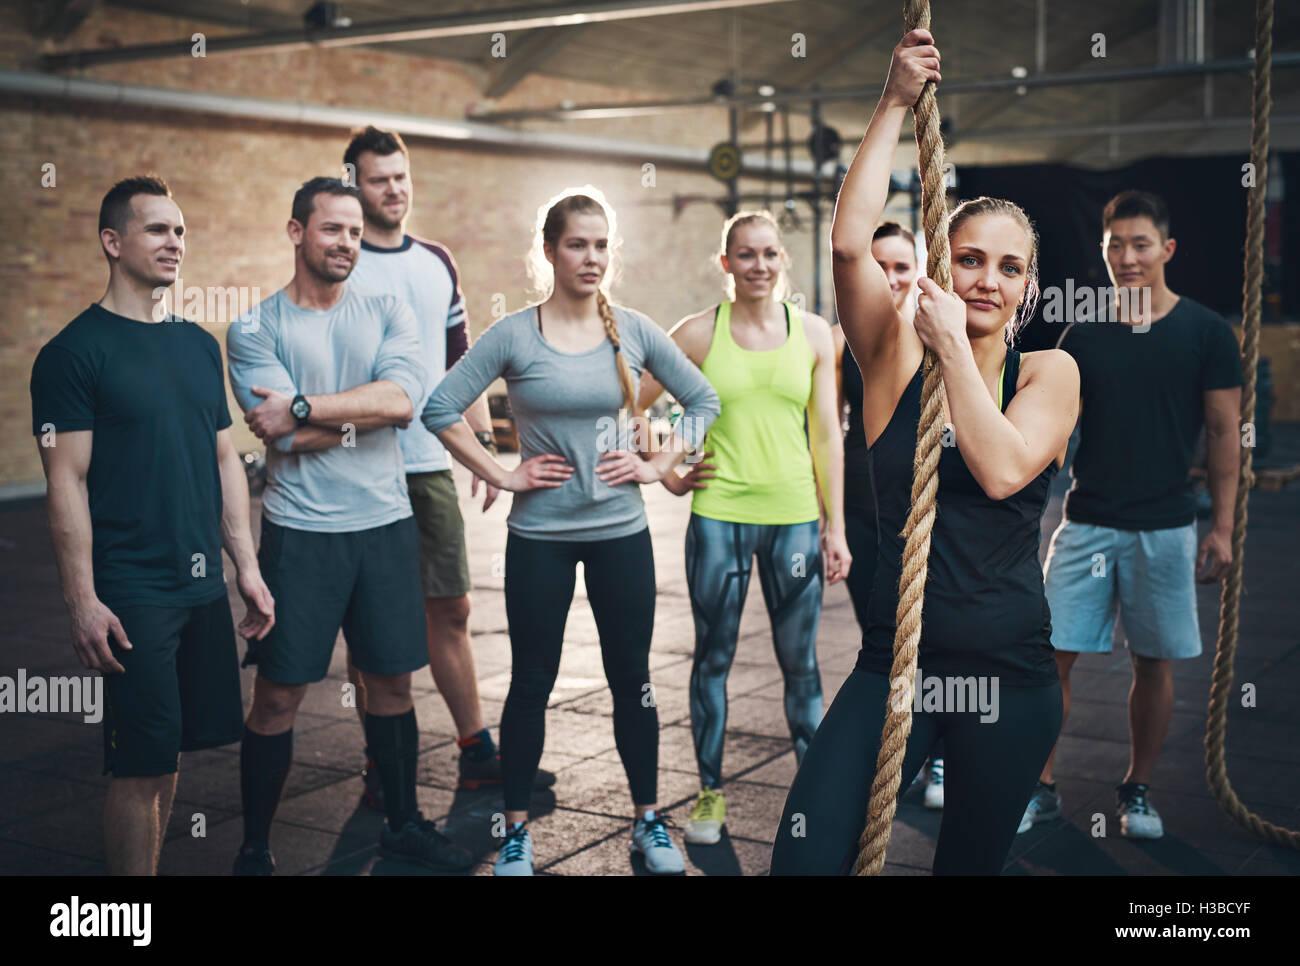 Grupo de adultos viendo mujer usar cuerda de escalar en régimen de entrenamiento de circuito de gimnasia Imagen De Stock